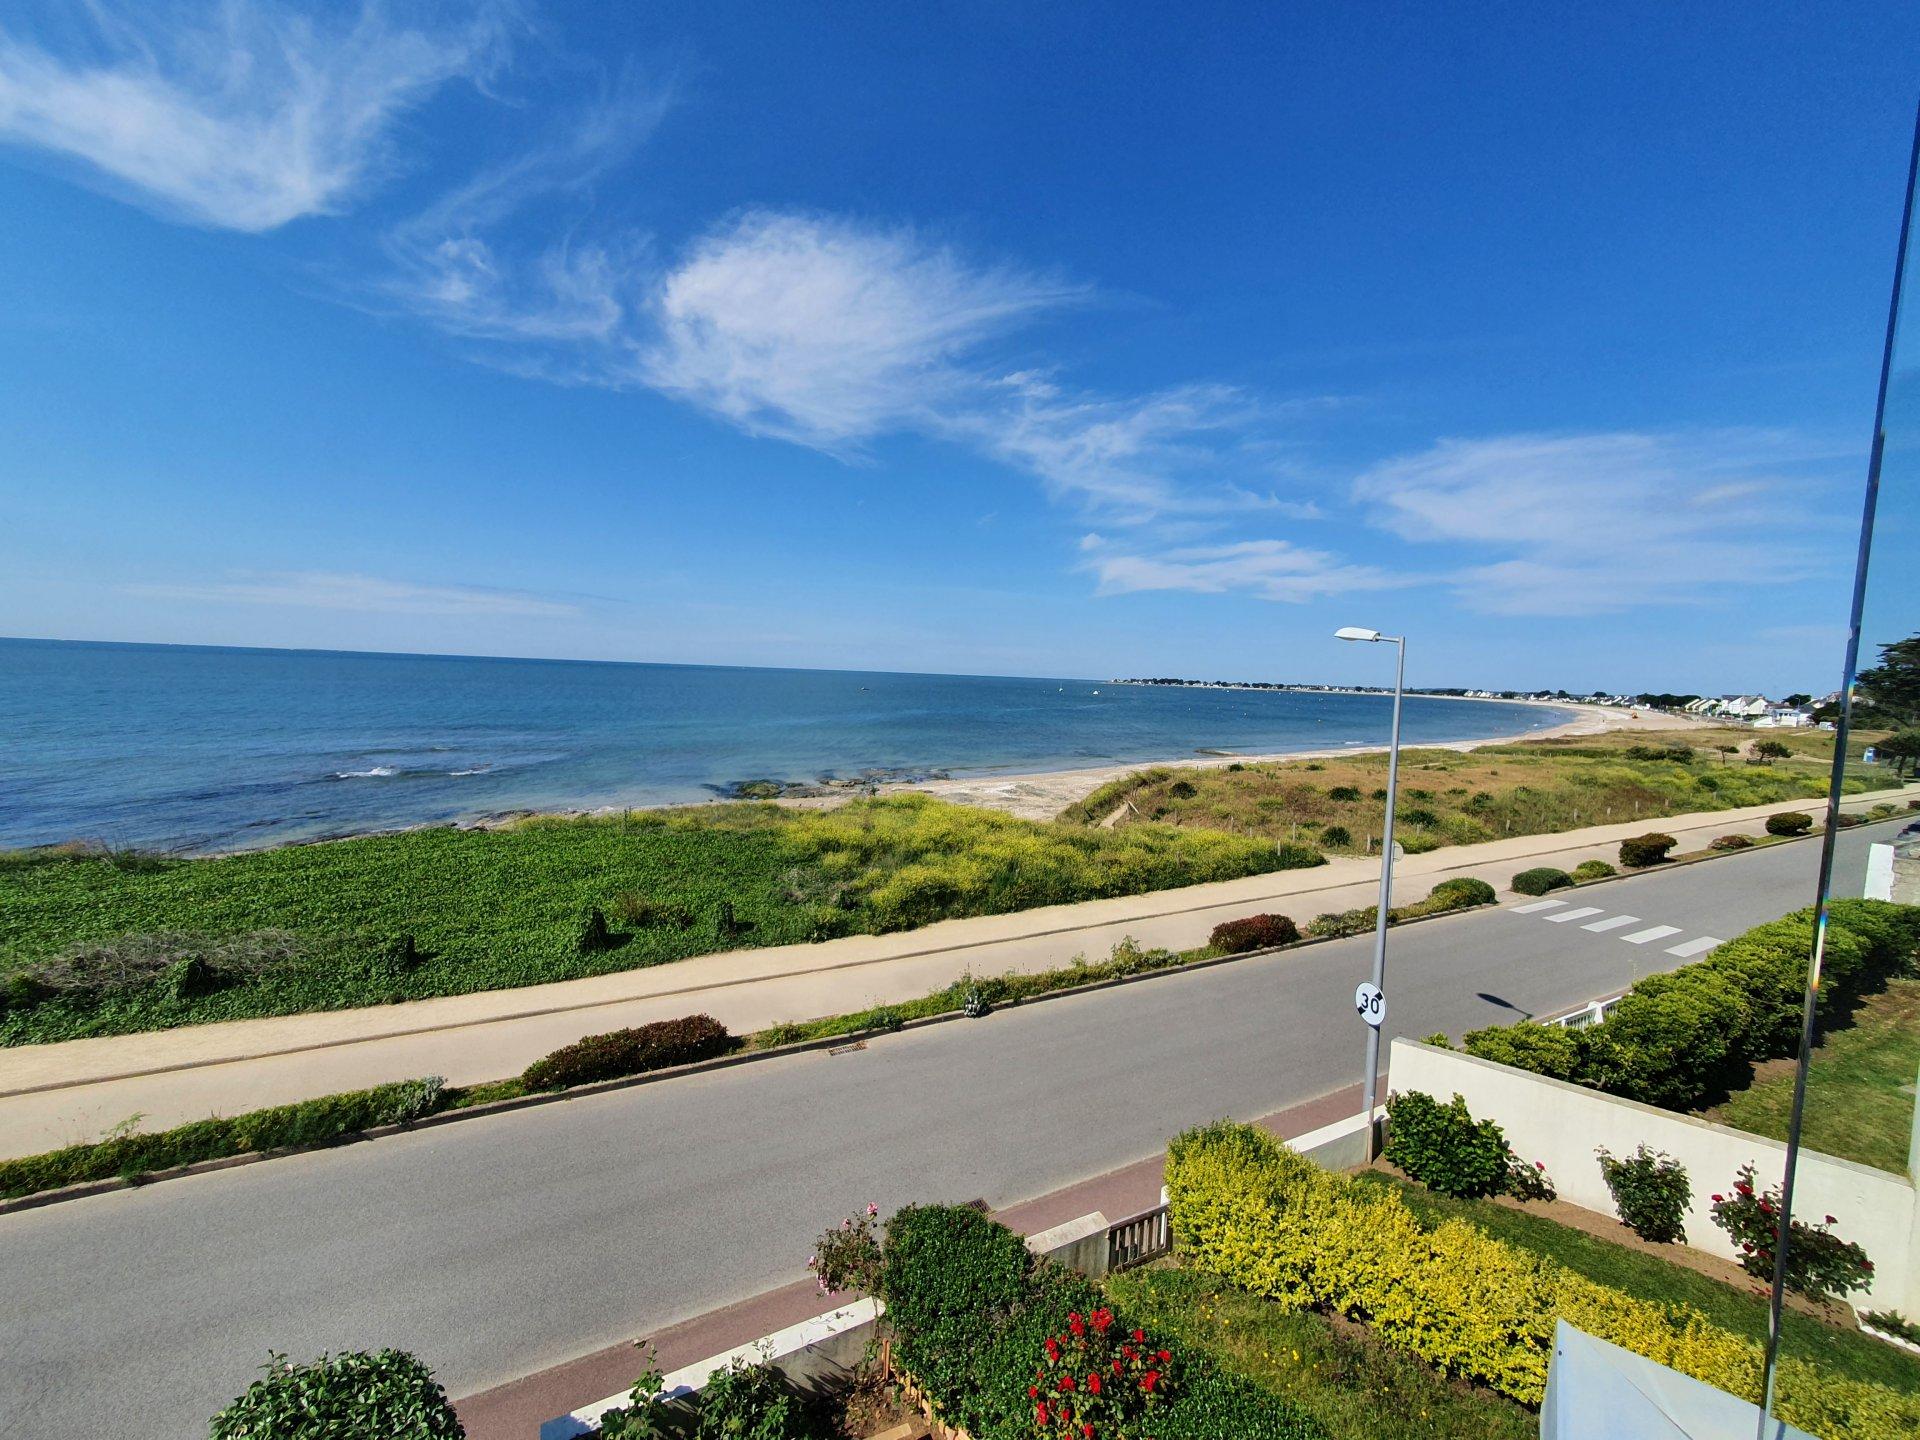 Appartement à louer à Damgan Appartement T2 avec vue sur mer situé à 200m des commerces